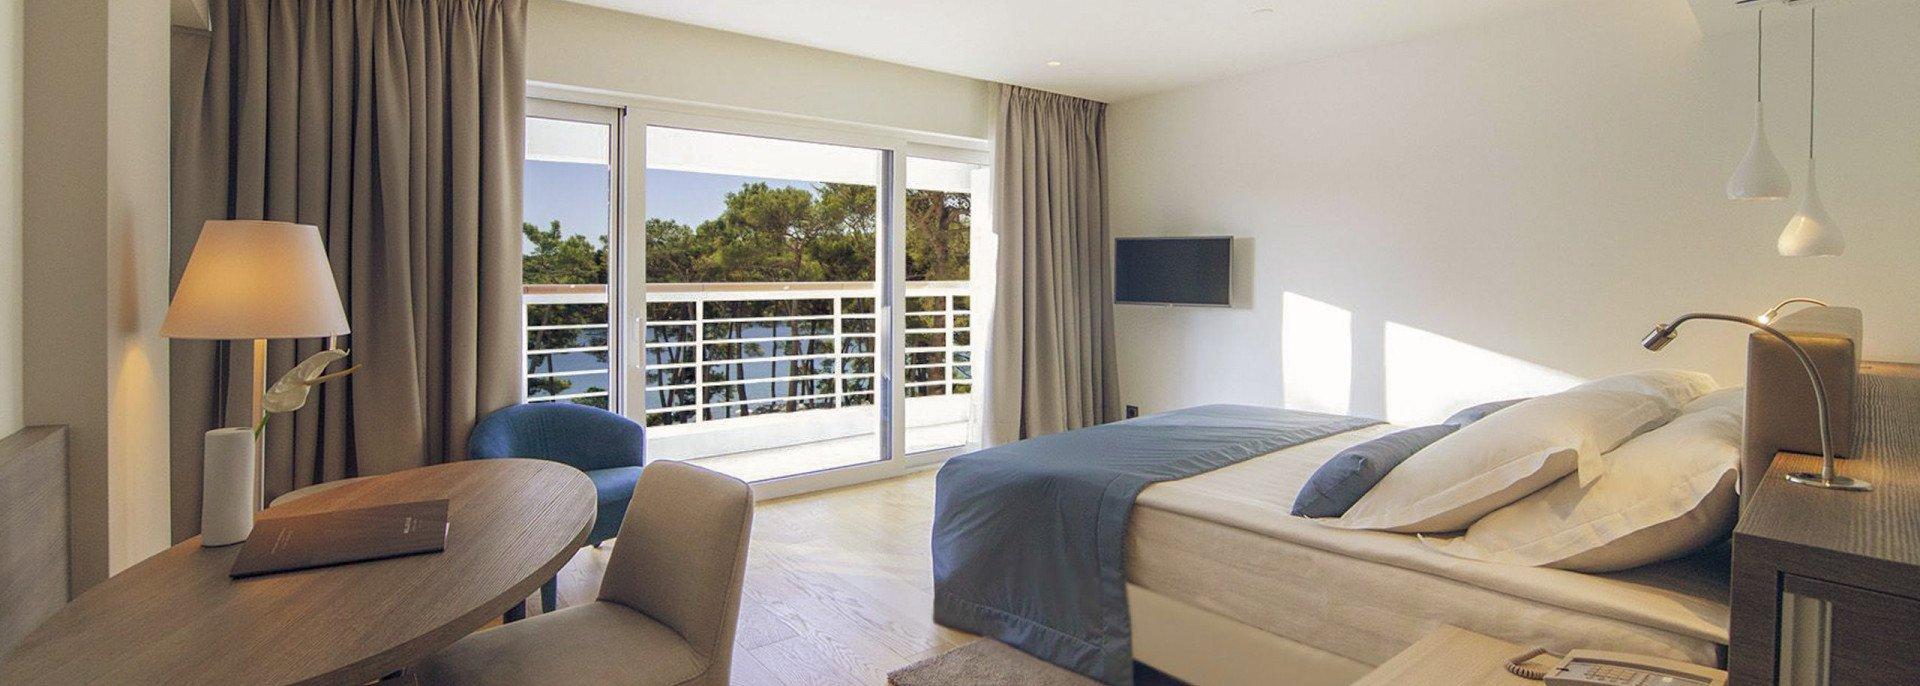 https://www.losinj-hotels.com/assets/Bellevue/Rooms-Suites/_resampled/CroppedFocusedImageWyIxOTIwIiwiNjg2IiwieSIsMjU3XQ/superior-sea-side.jpg